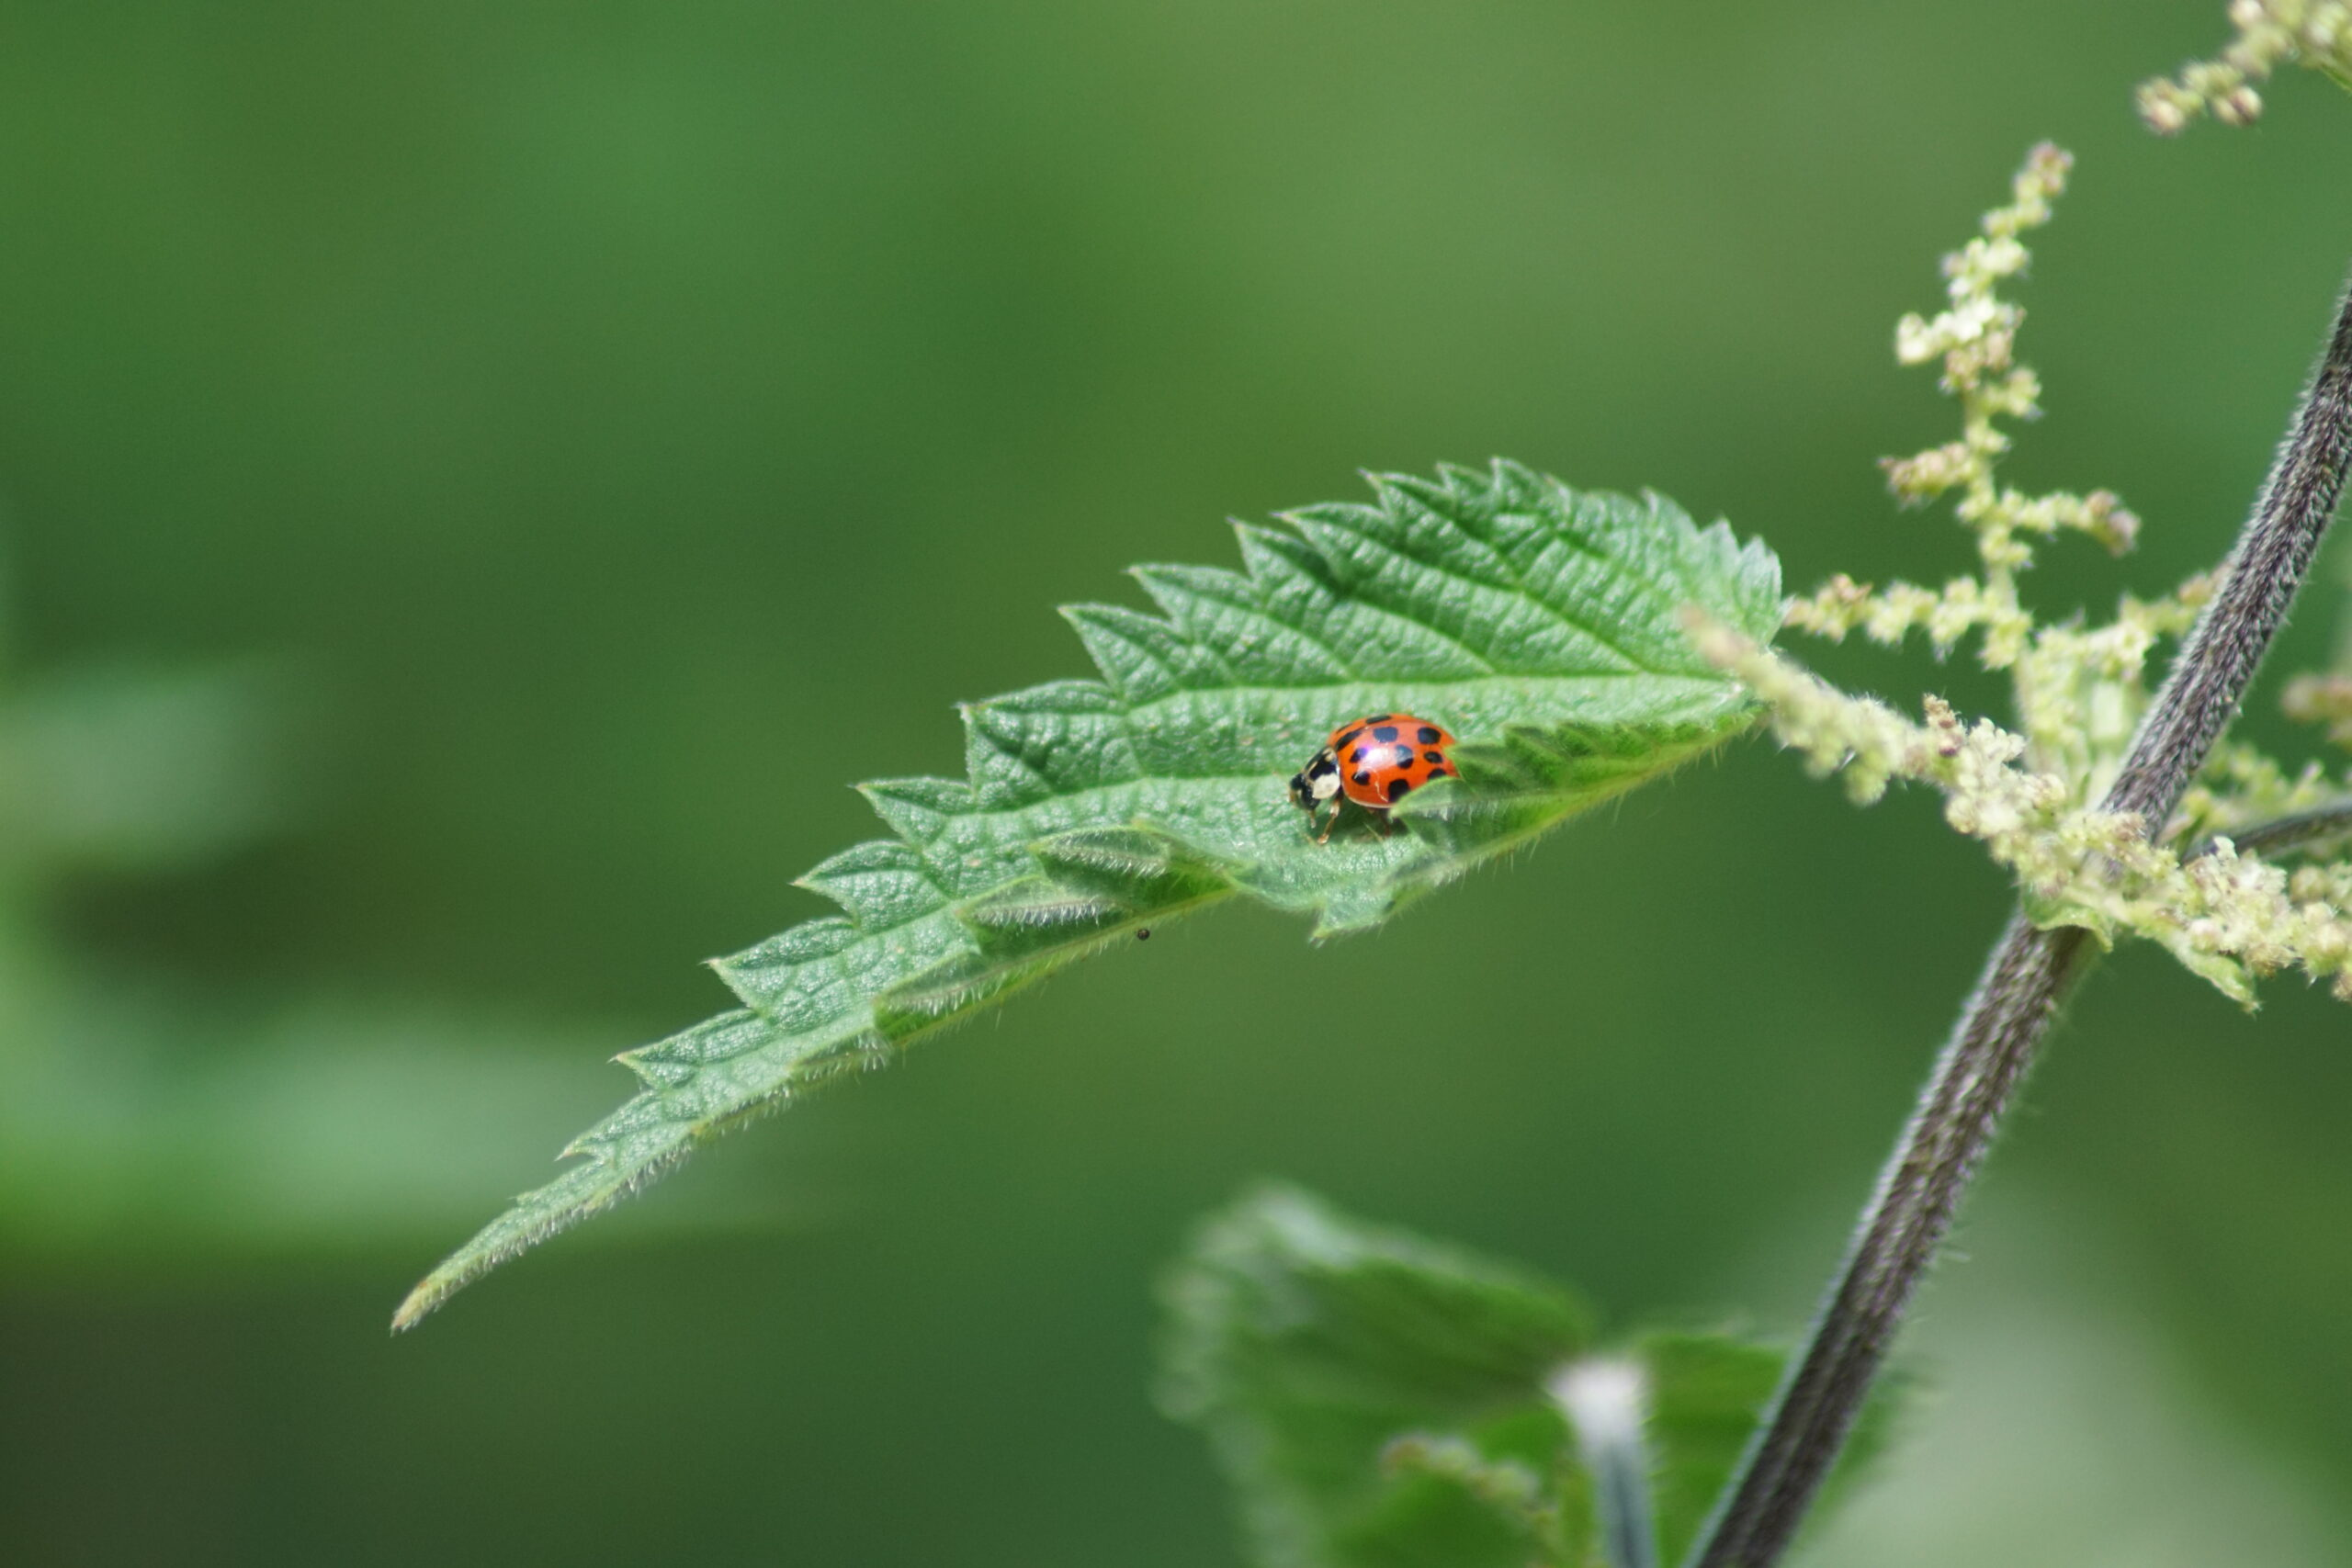 Harlequin Ladybird (invasive species)